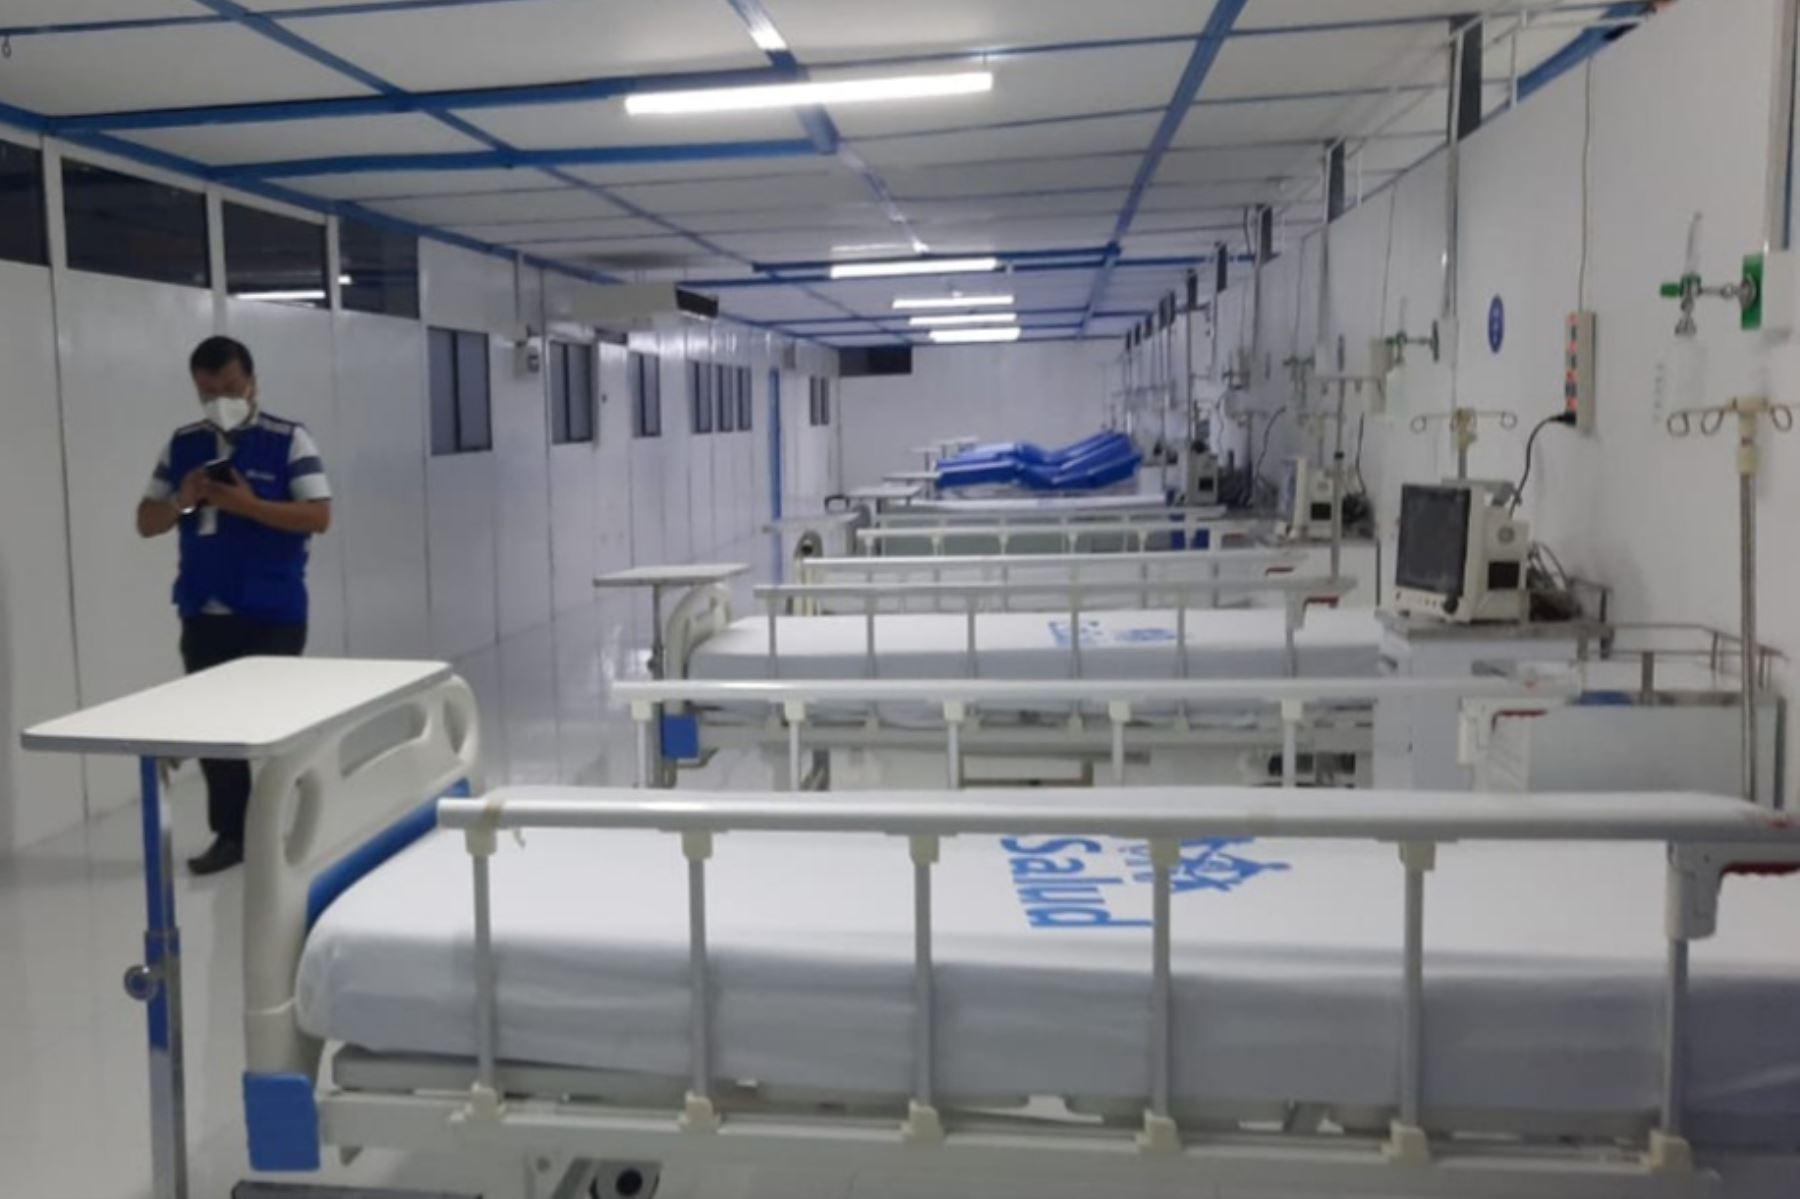 El hospital de contingencia covid-19 de EsSalud en la región Madre de Dios ahora cuenta con 31 camas. Foto: ANDINA/EsSalud